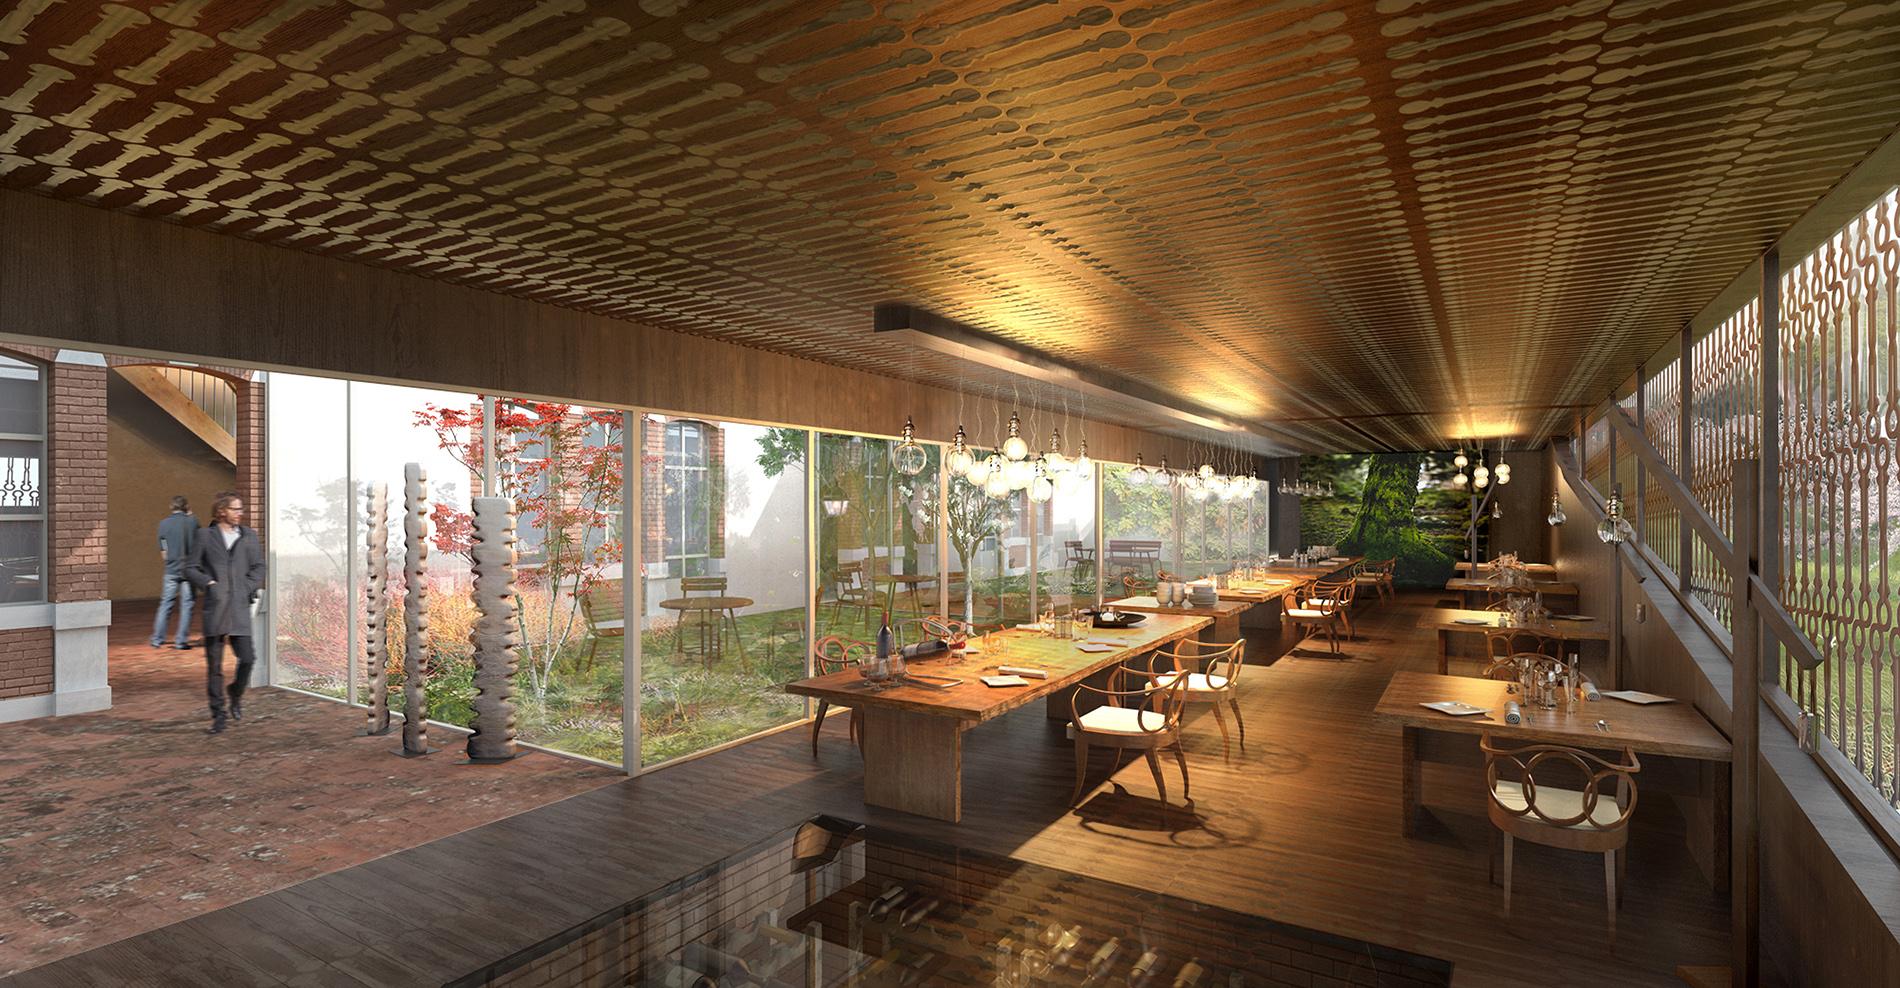 Perspectives vues int rieur 3d grenoble lyon marseille for Architecte d interieur grenoble